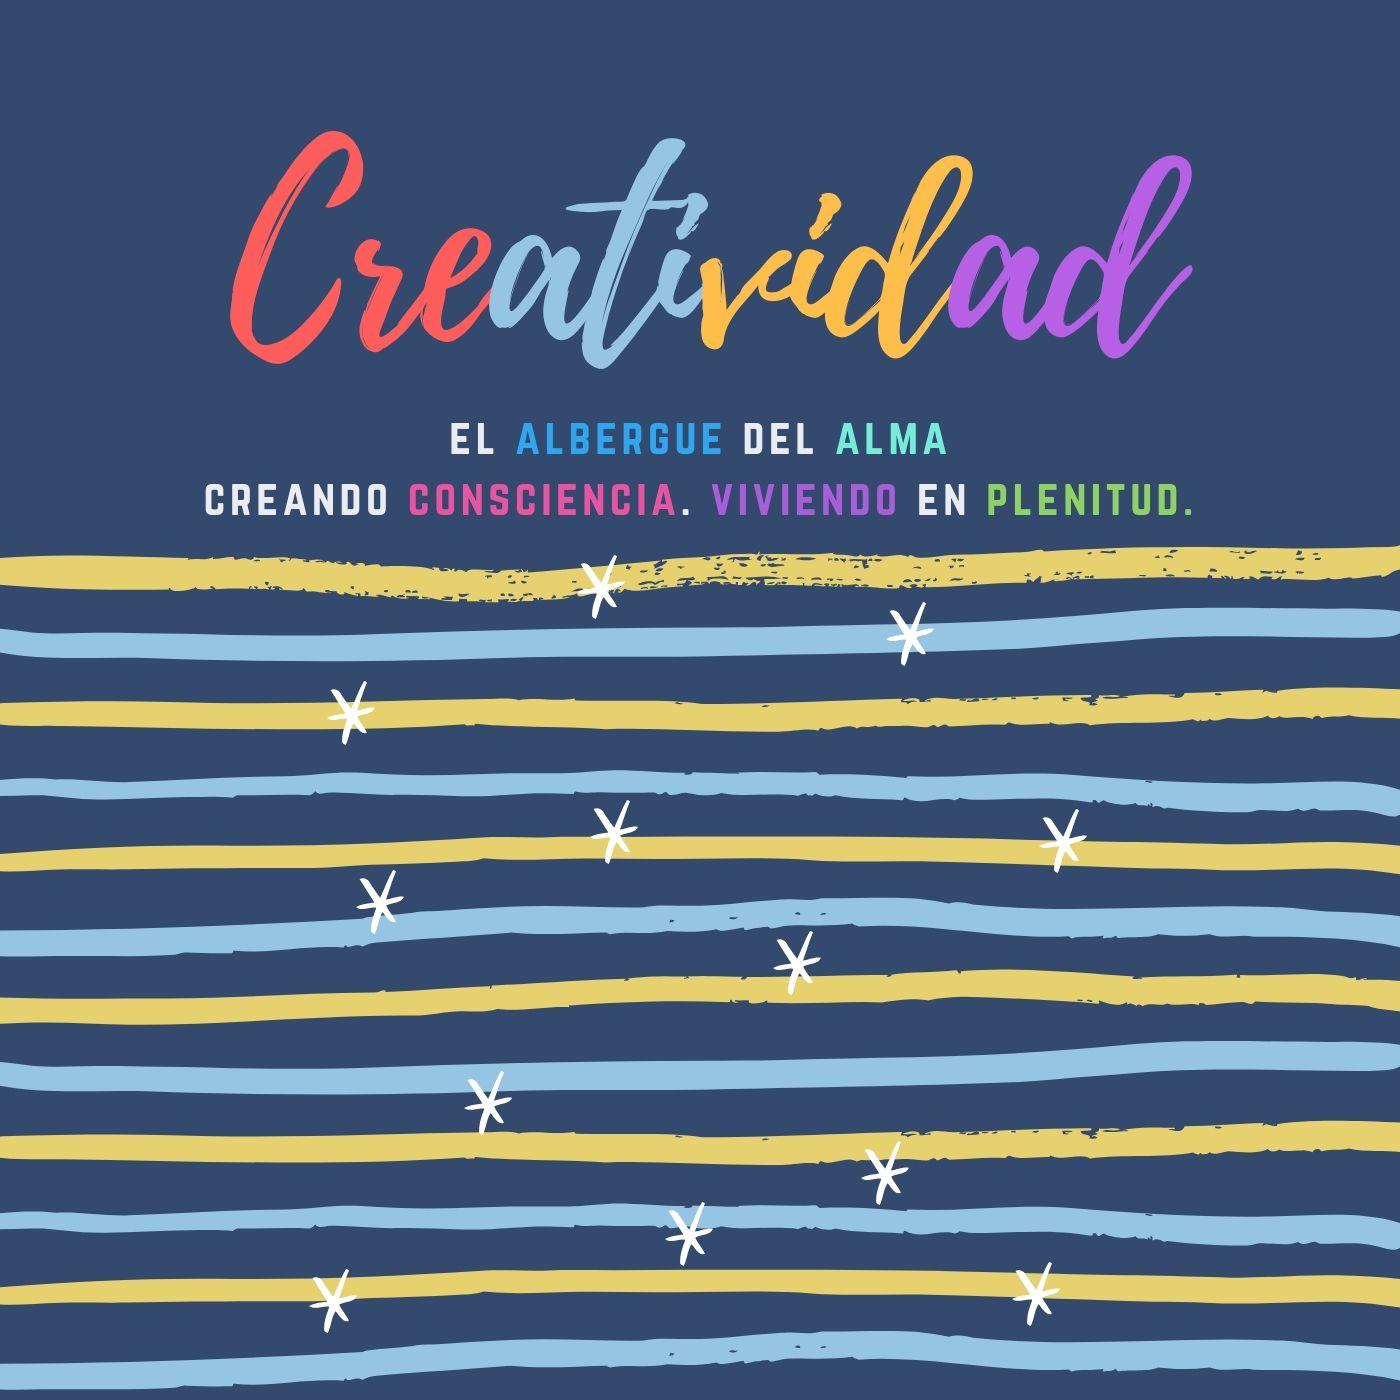 Creación, Imaginación, elemento